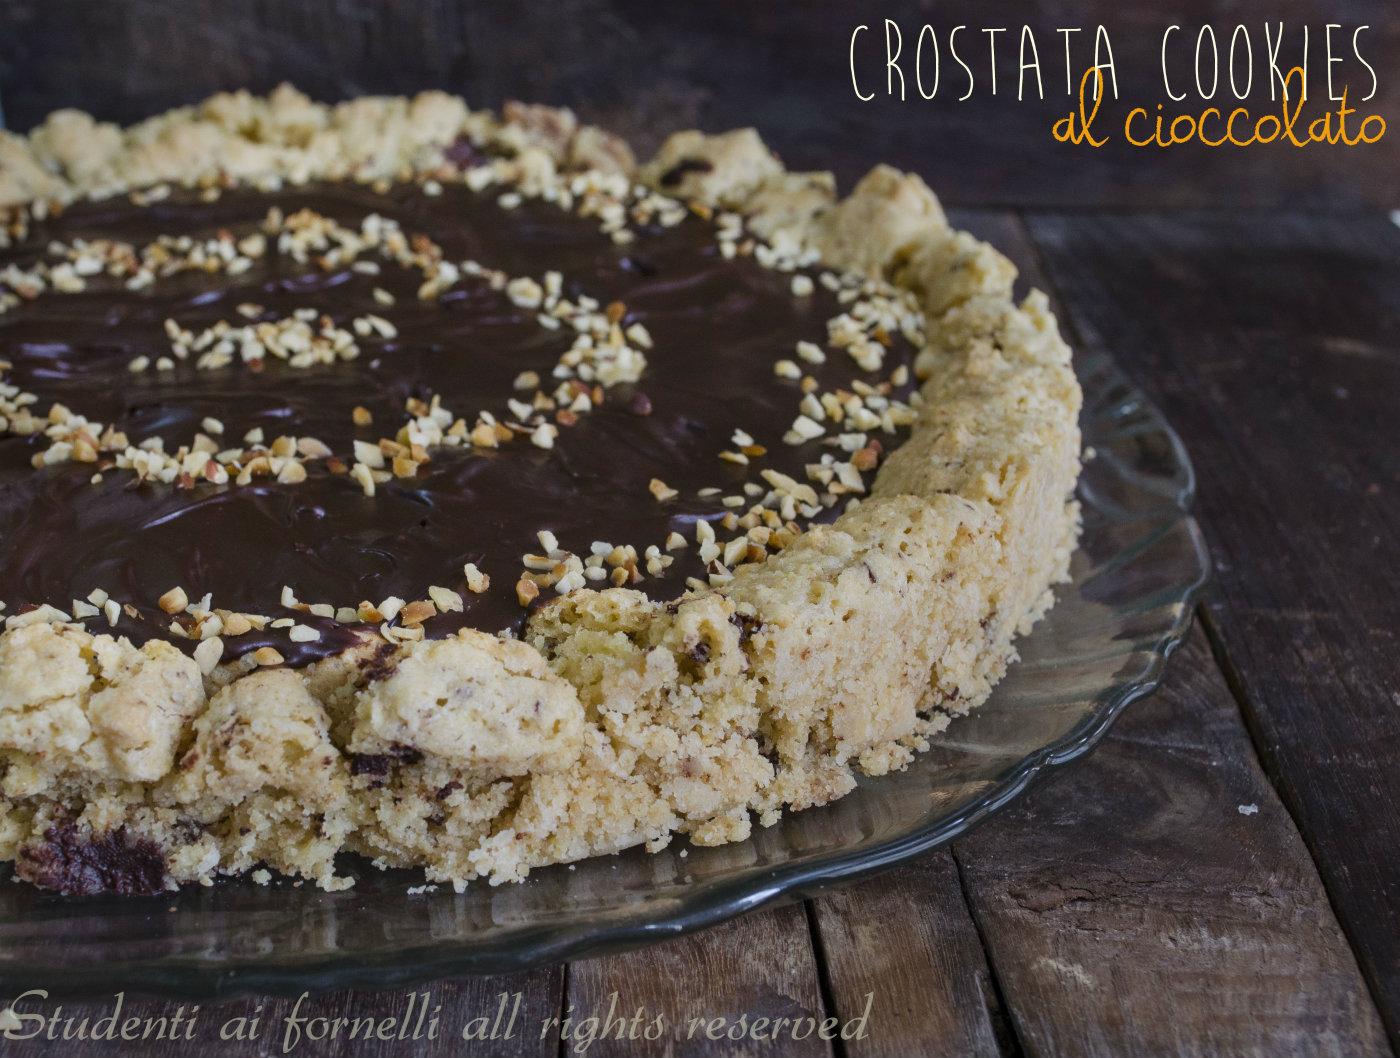 crostata cookies al cioccolato ricetta torta cookies con ganache al cioccolato